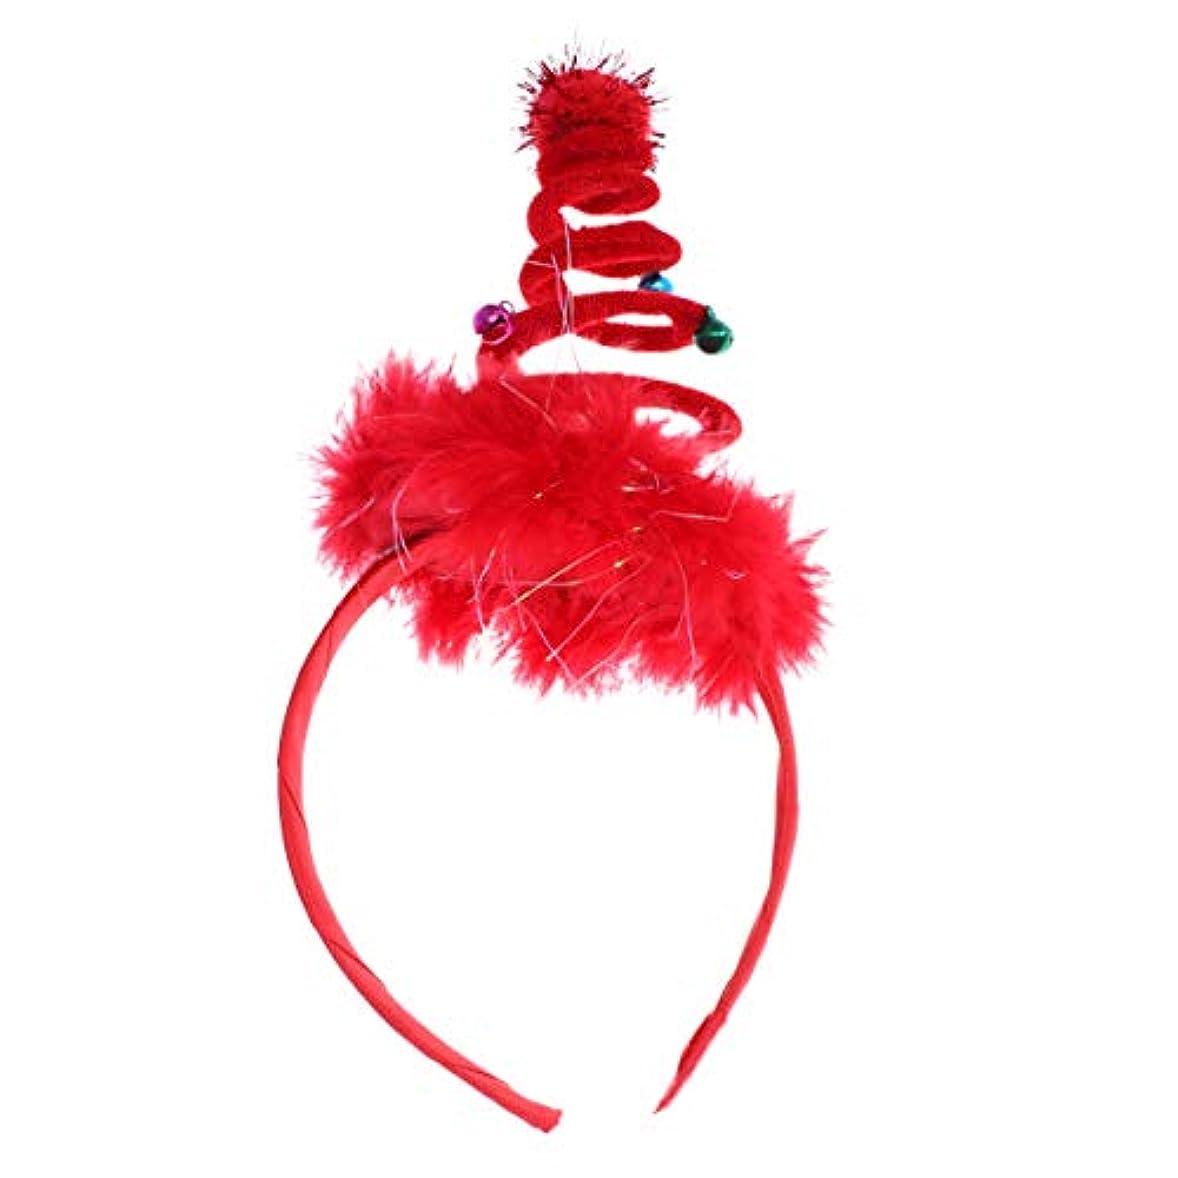 強打ハンマー魅惑するLurrose クリスマスヘアフープクリスマス羽は子供の女の子の子供のためのクリスマスパーティーヘアアクセサリーヘッドバンド